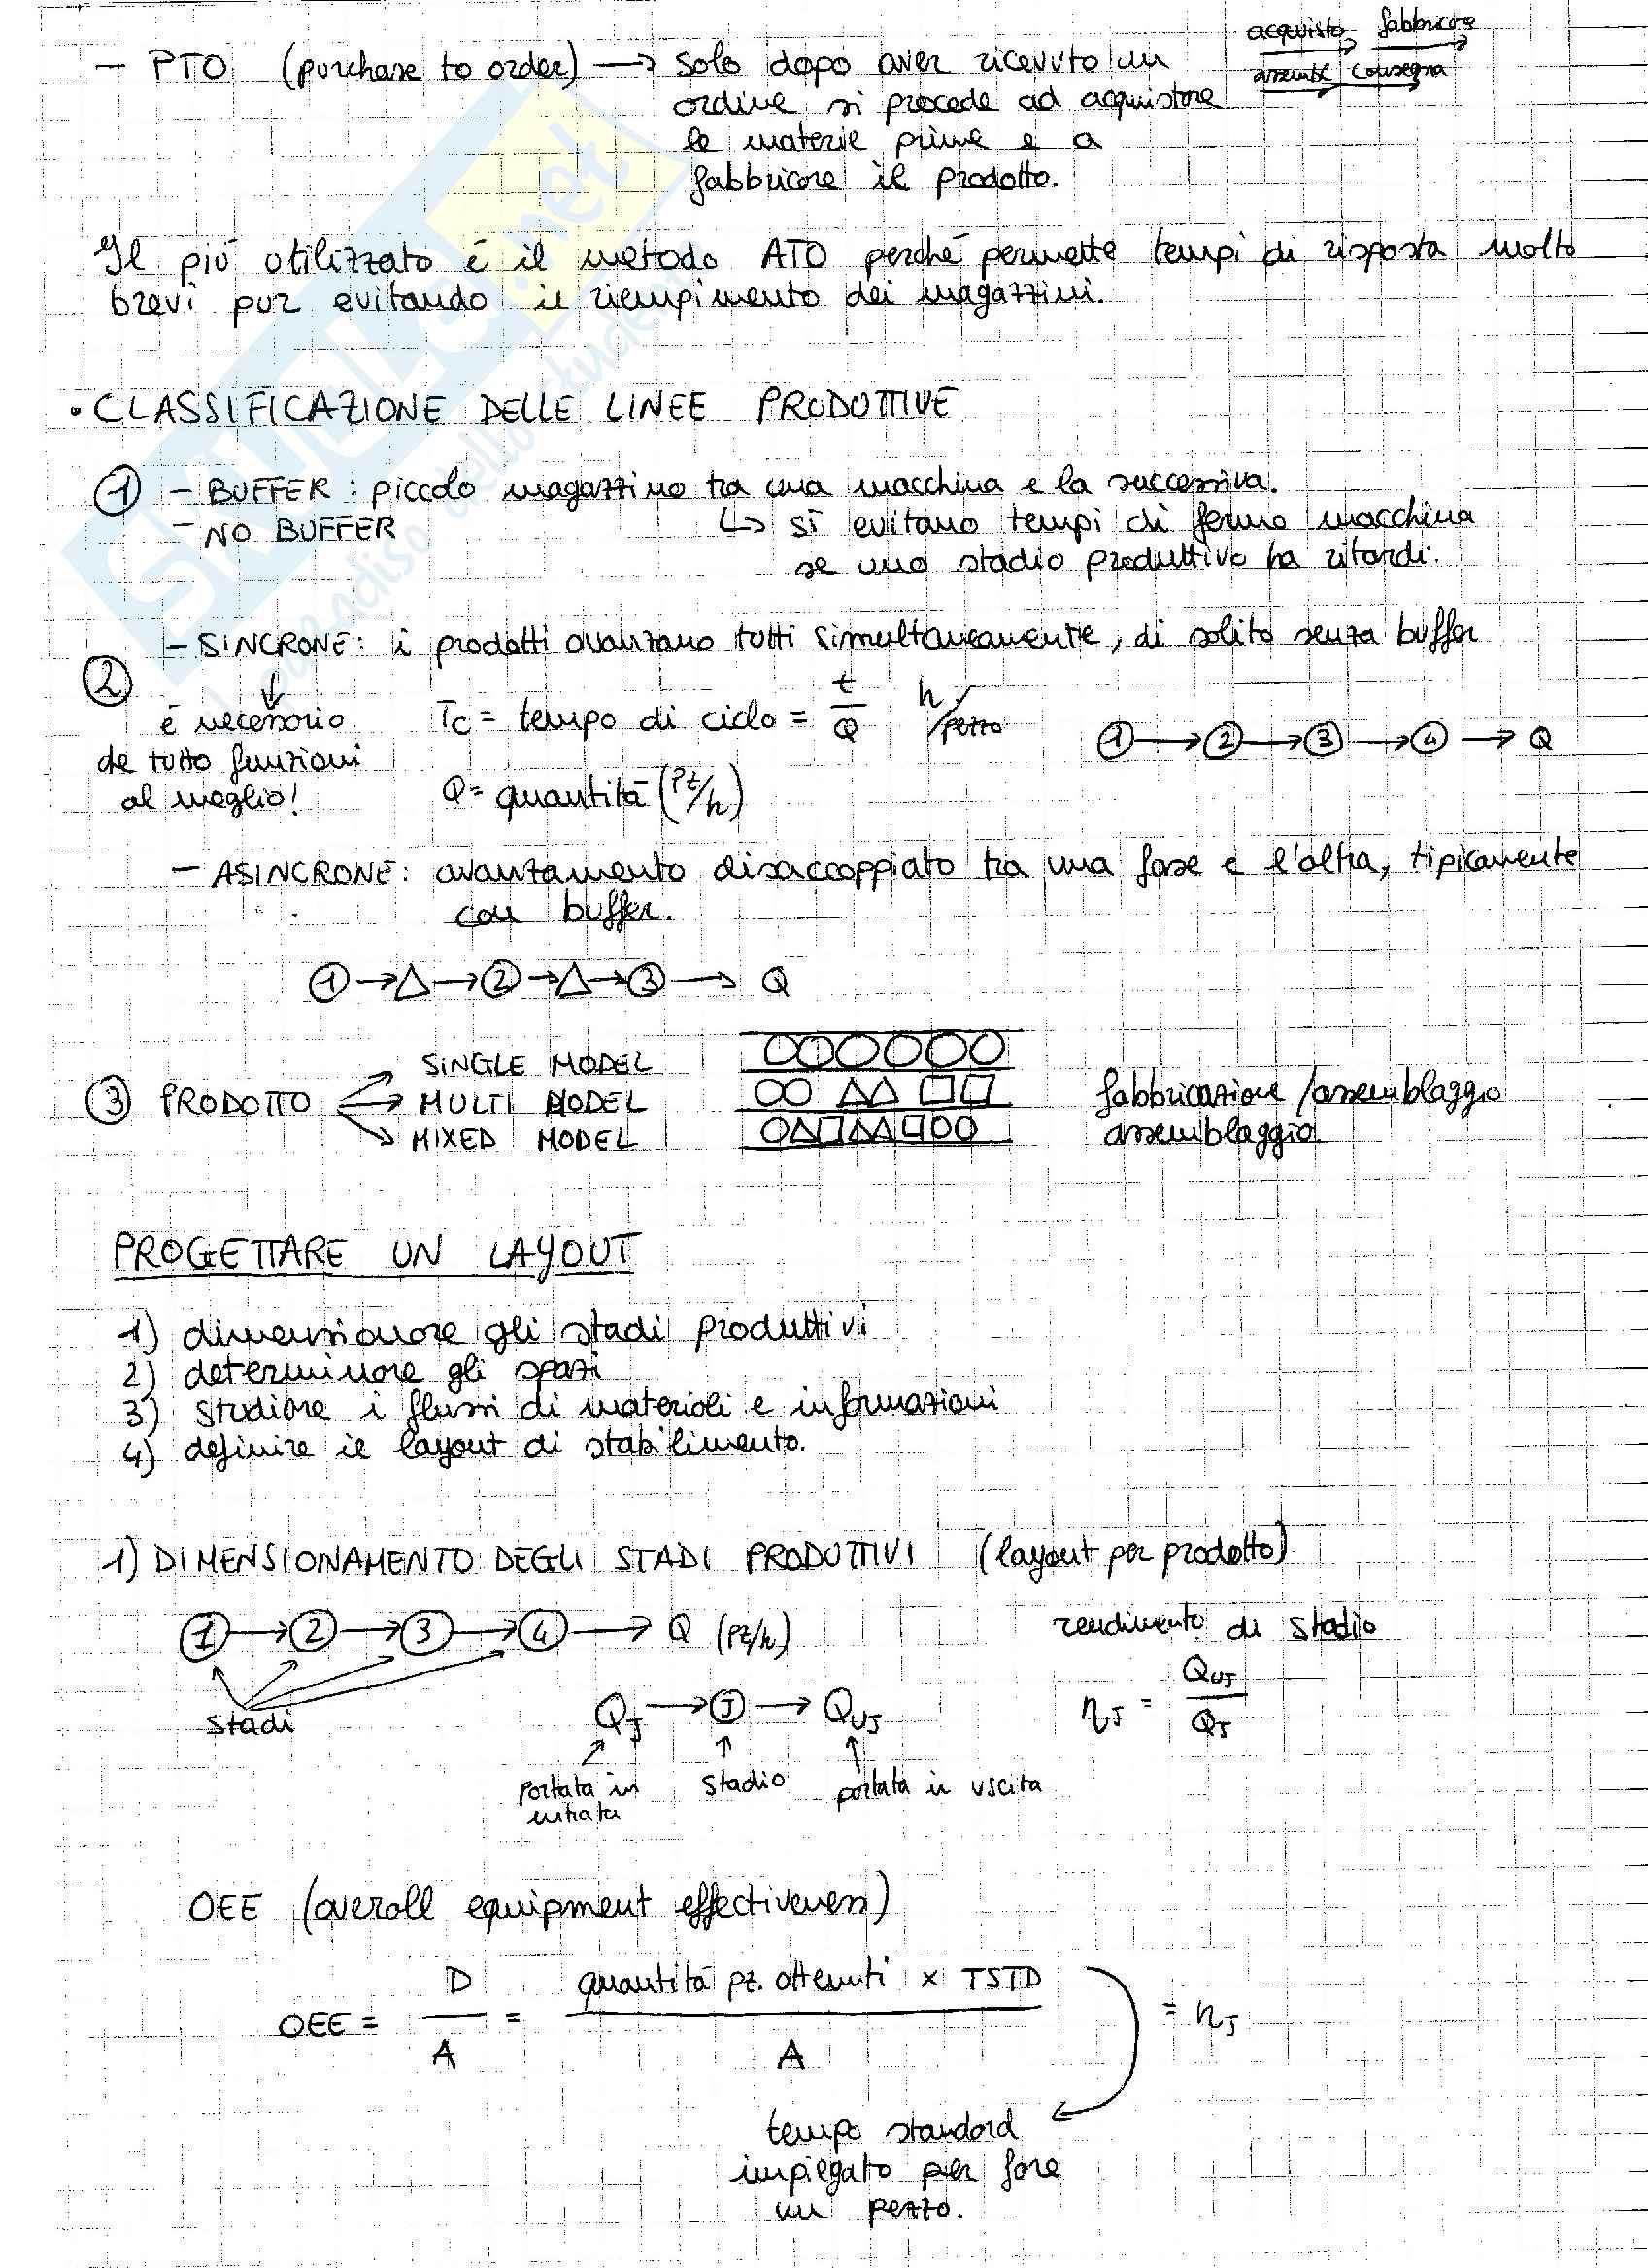 Appunti di Impianti Meccanici Pag. 2